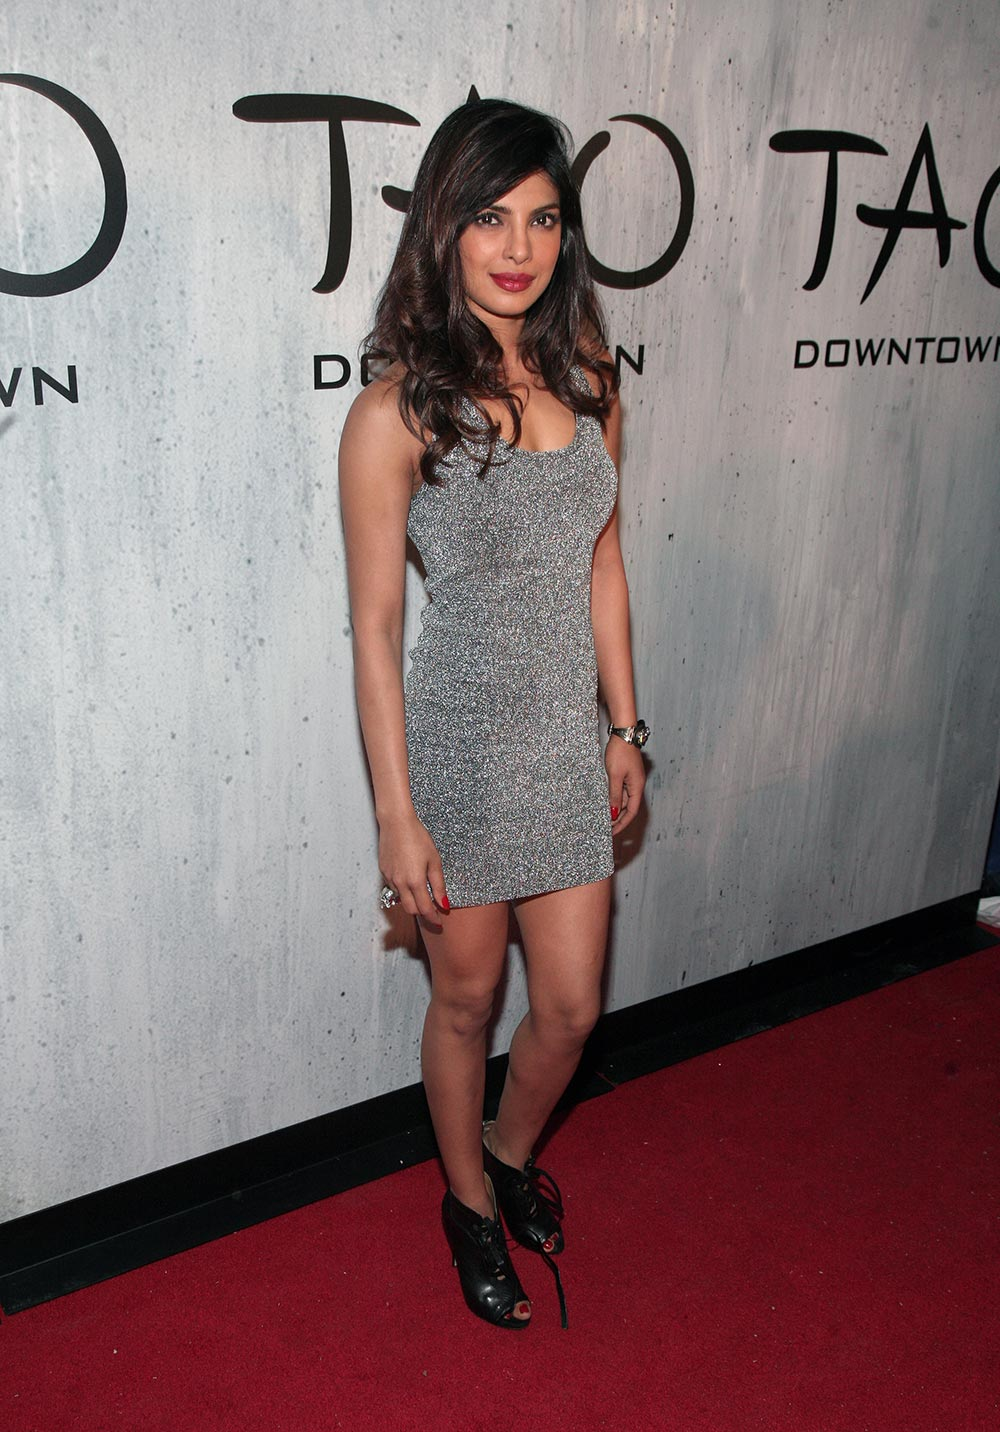 न्यूयॉर्क की एक फिल्मी पार्टी में शिरकत करती अदाकारा प्रियंका।